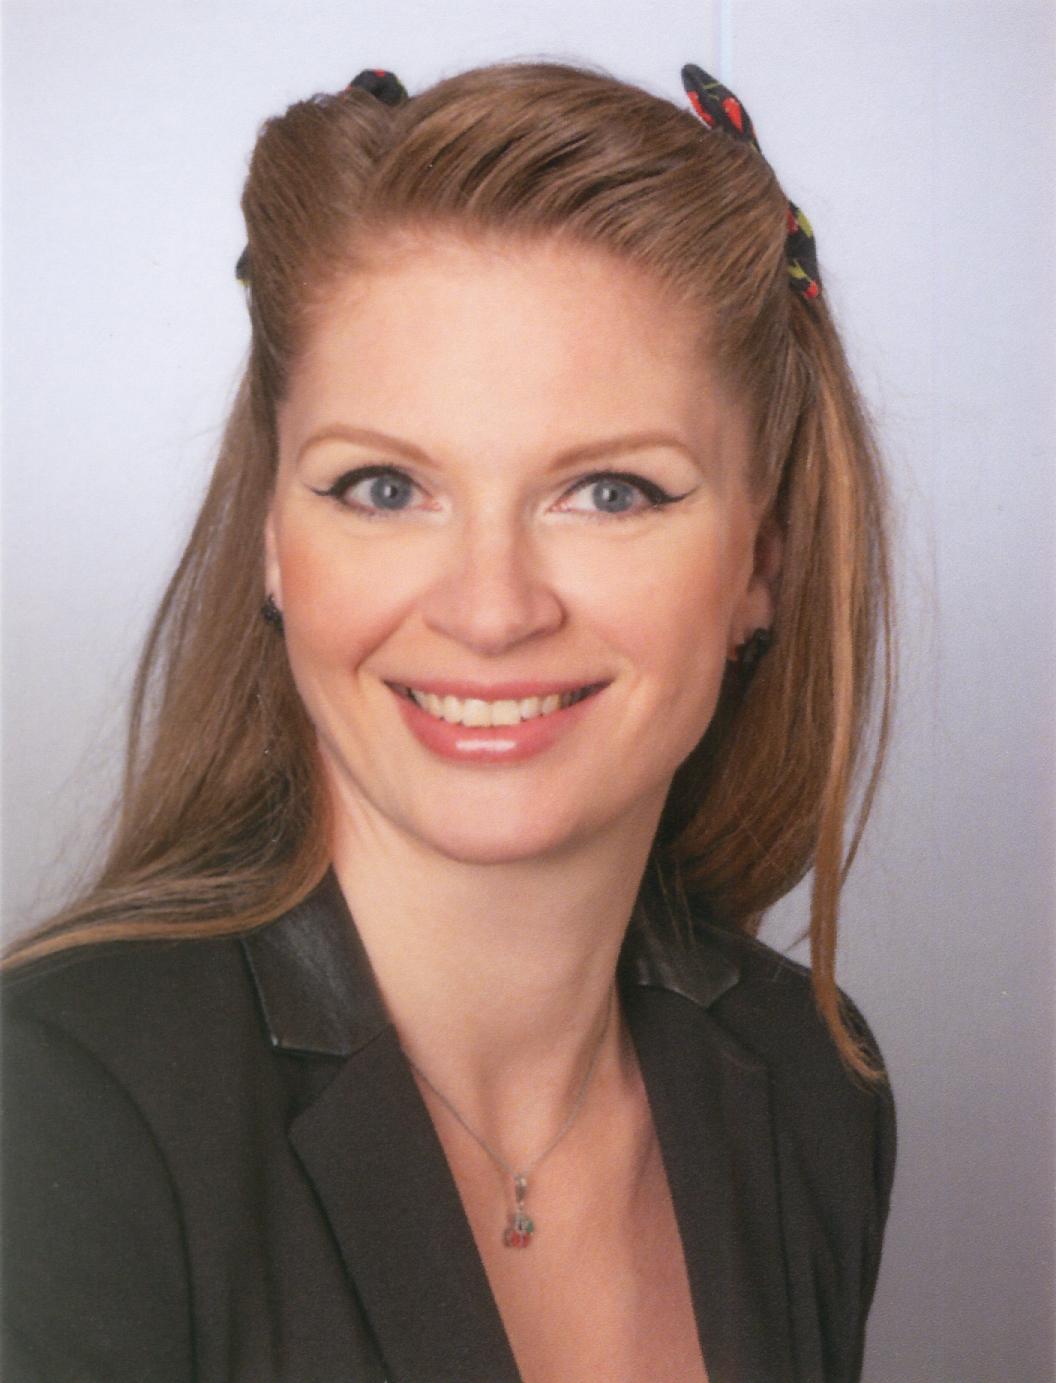 Jessica Zubala